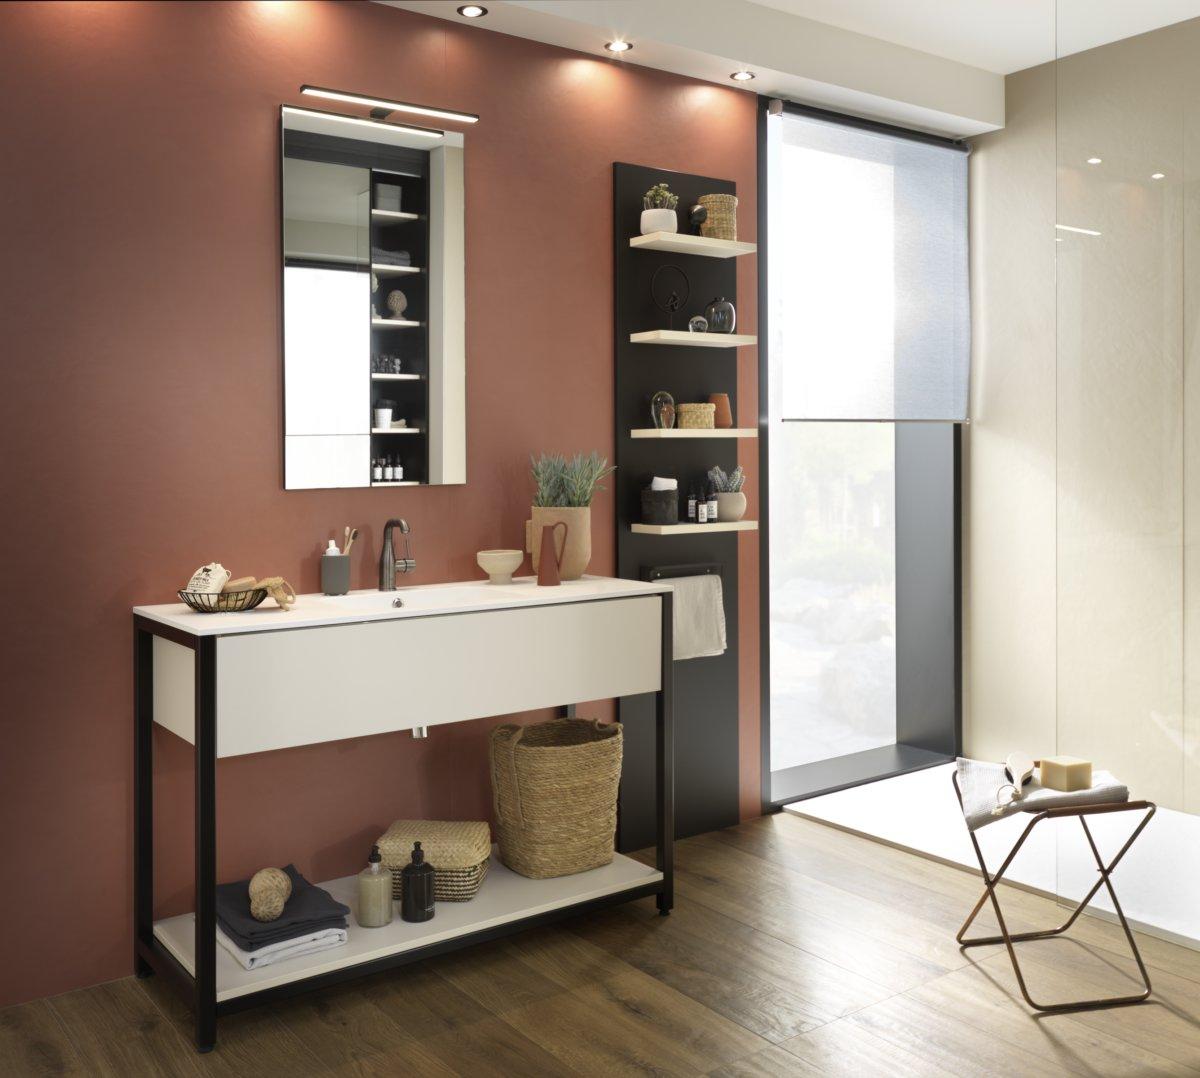 Salle de bains avec meuble métallique